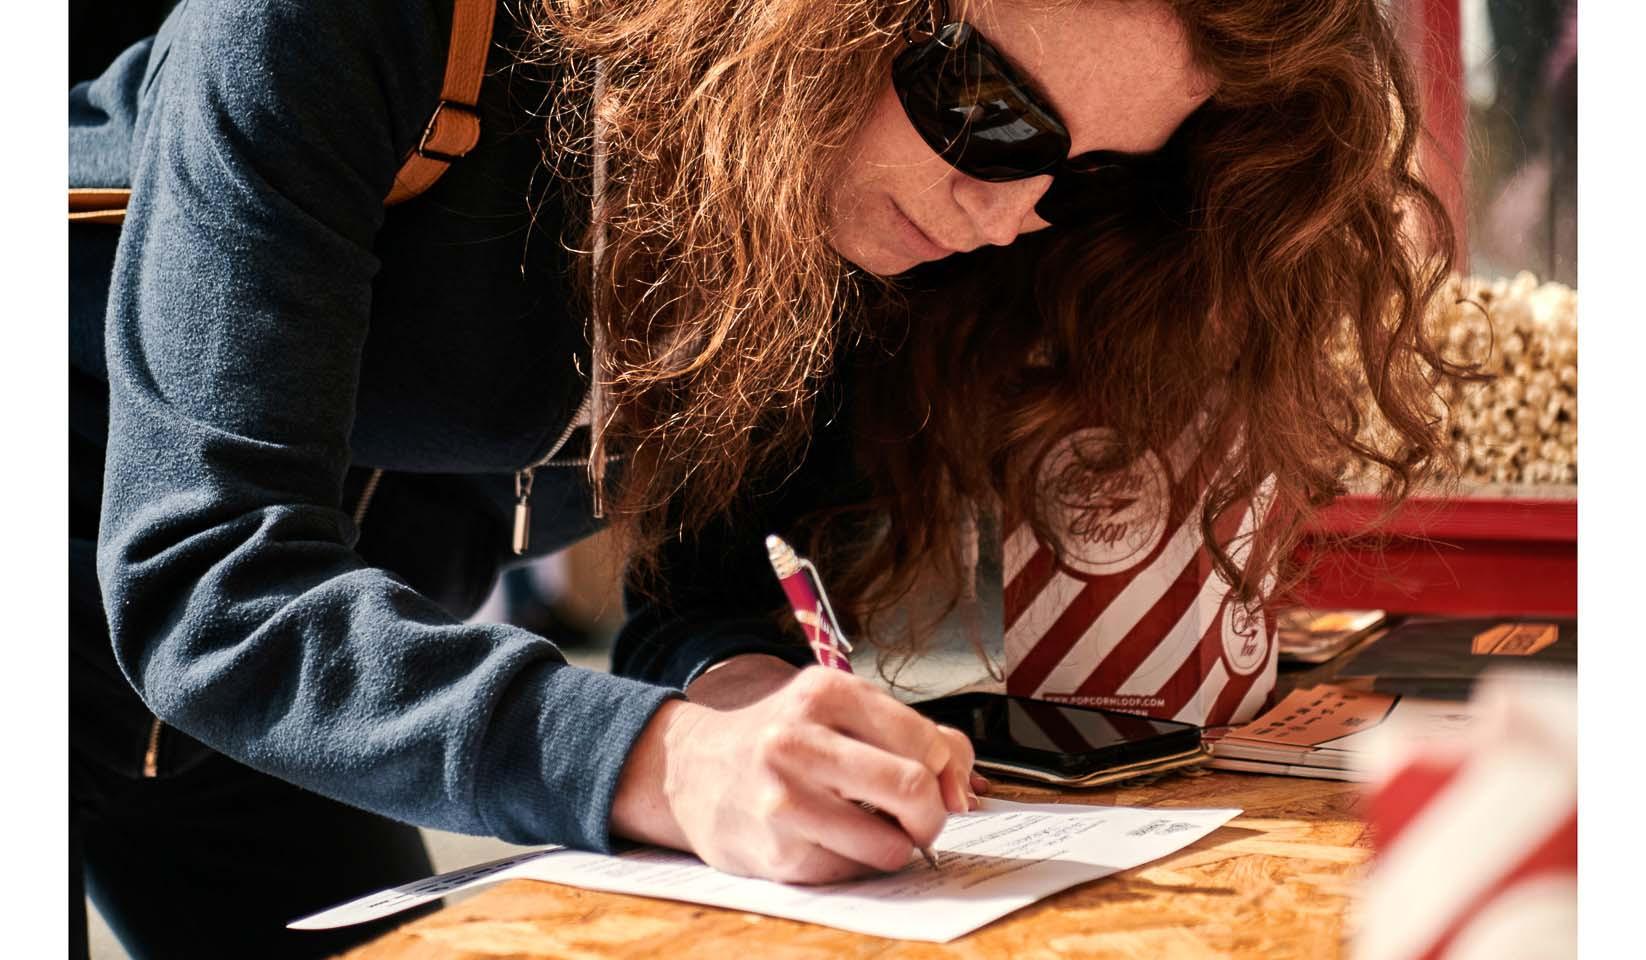 WMB Chiara Ludovica Quadrelli ++ - 47.jpg